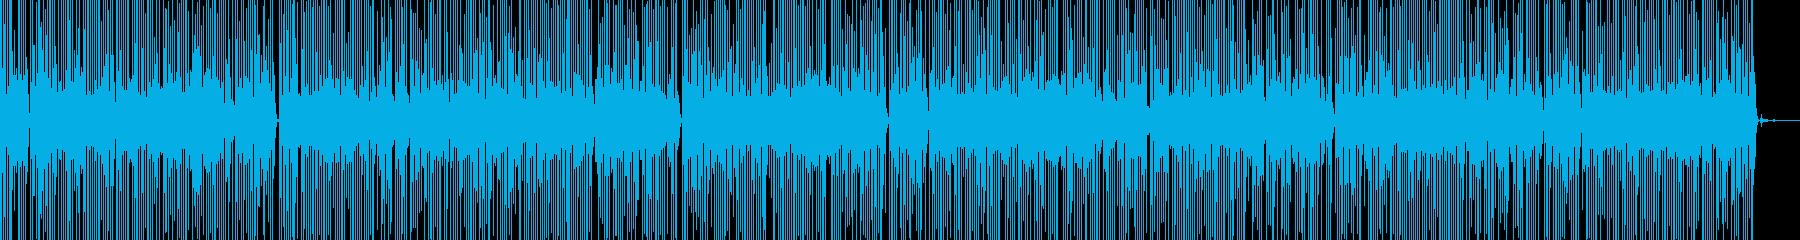 テンションコードのミニマルミュージックの再生済みの波形